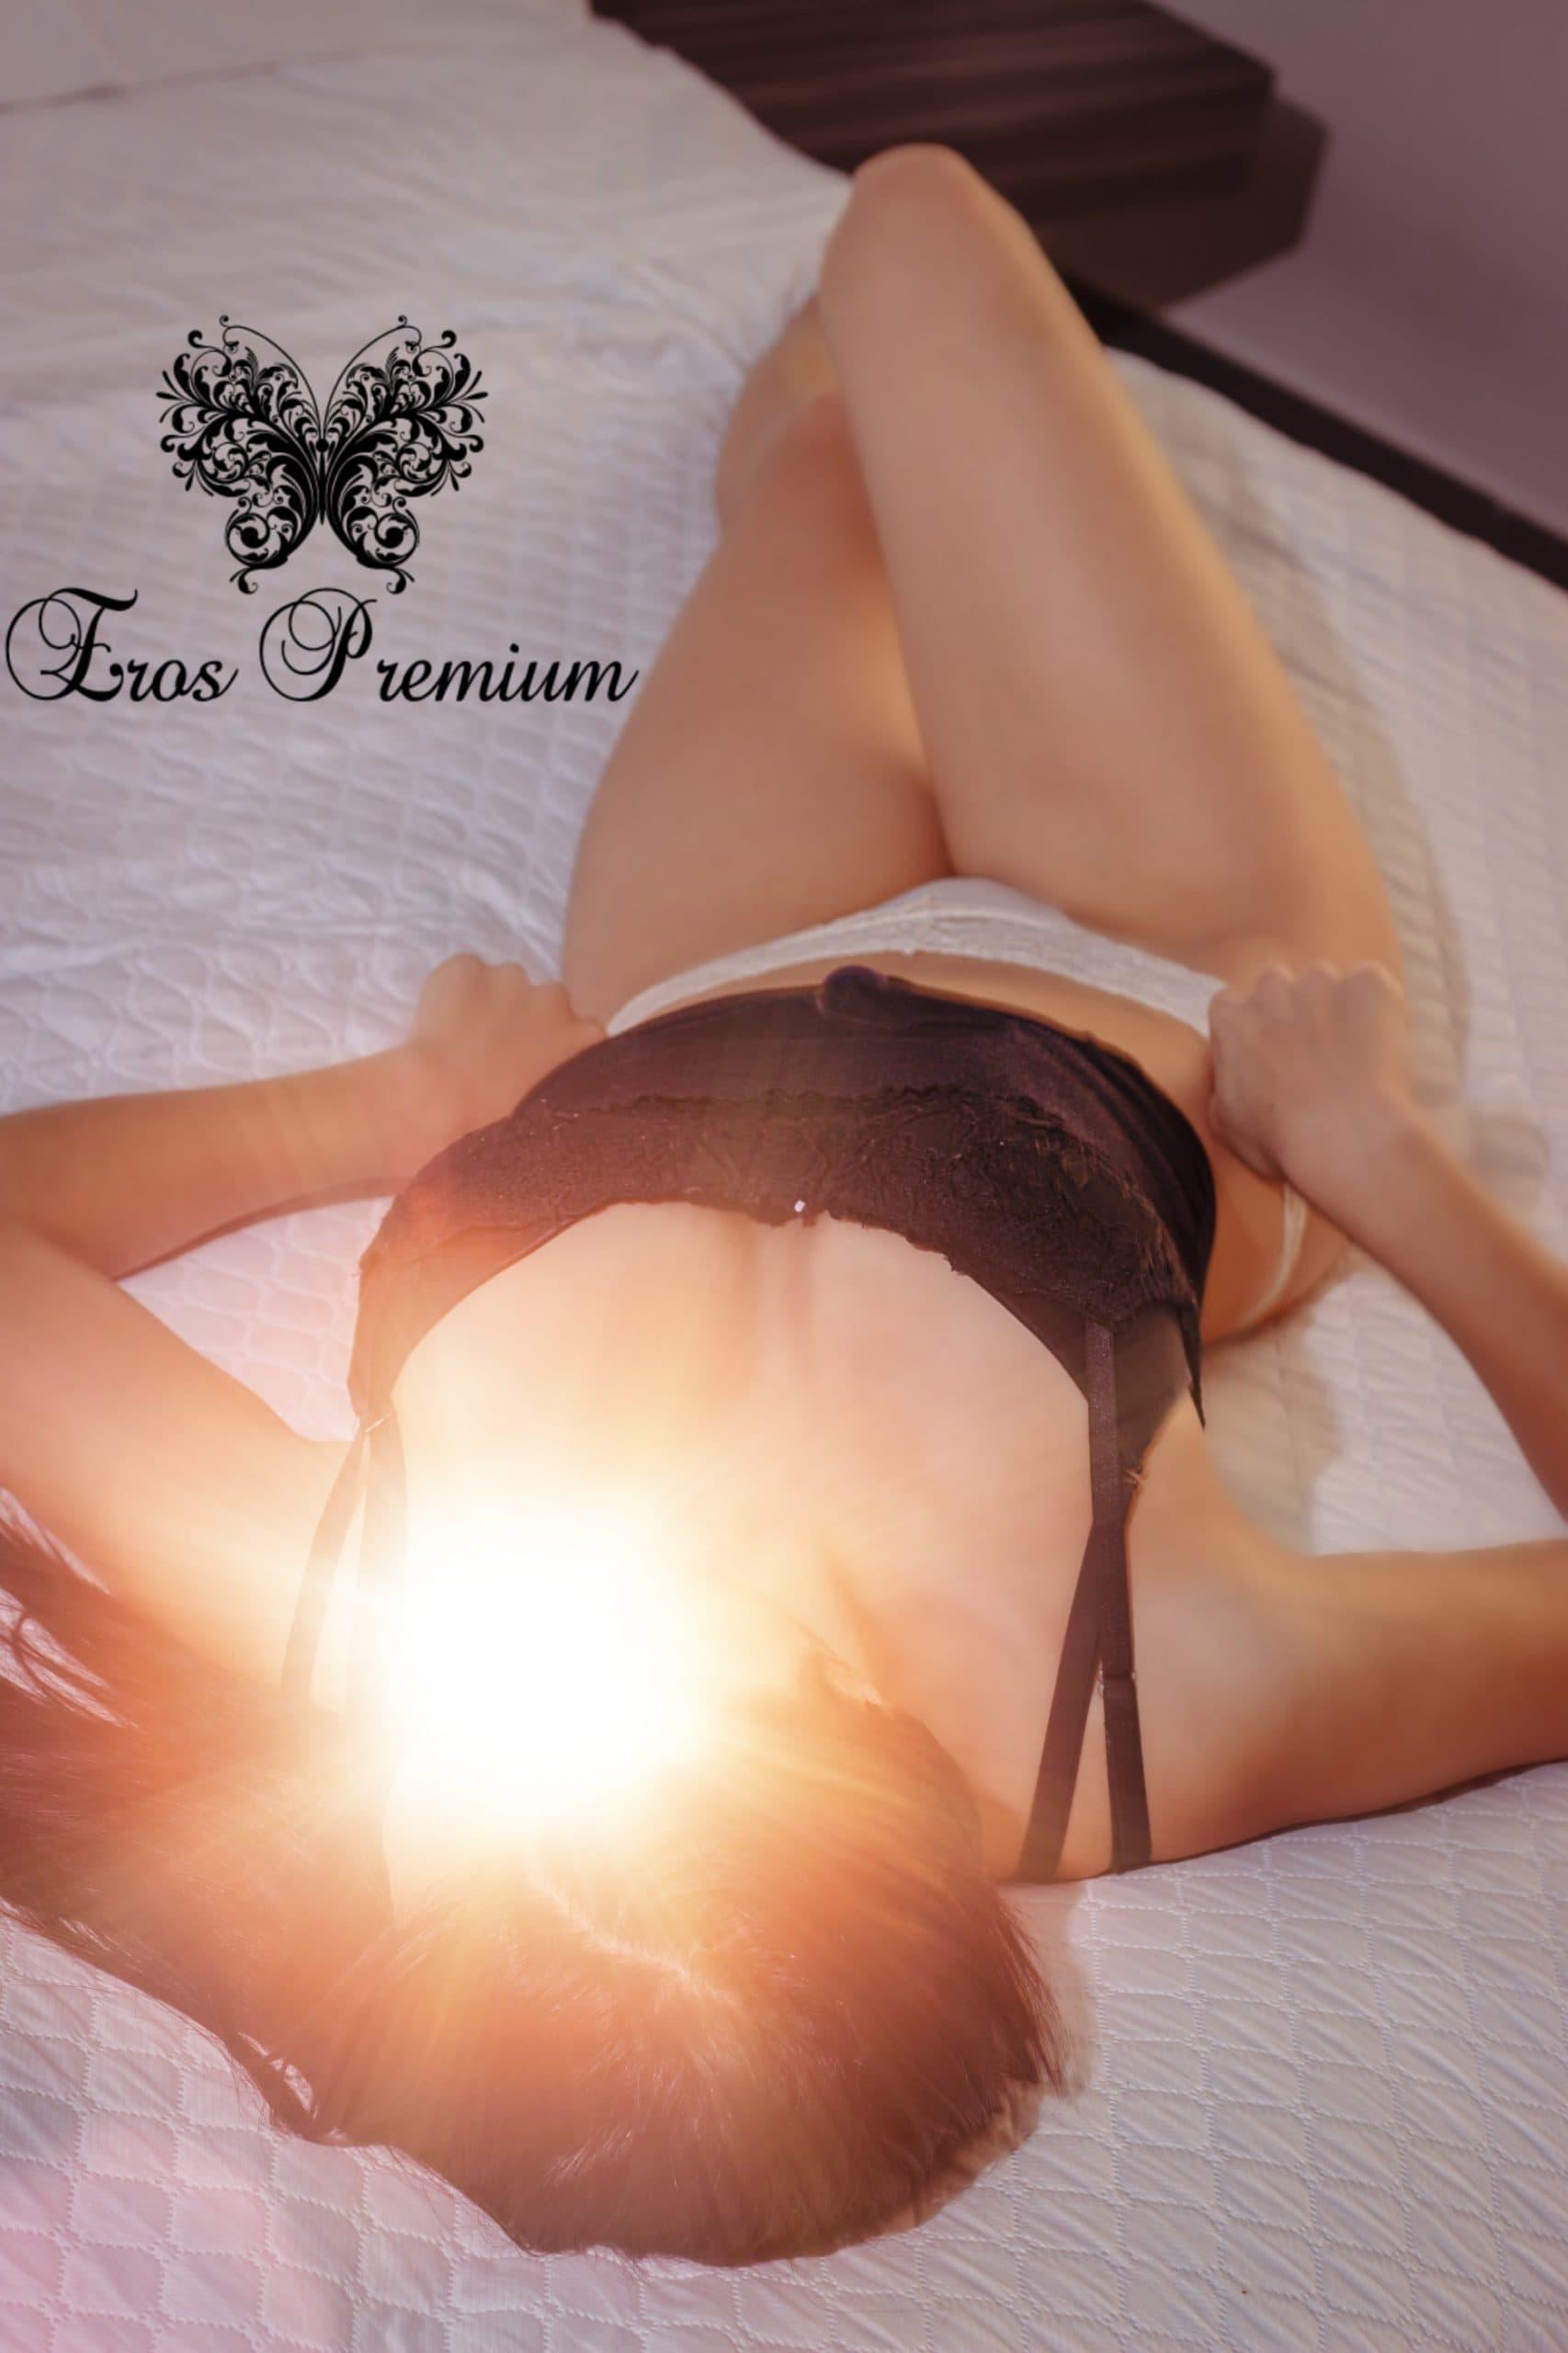 Lolita en Bogotá. Ana Modelo y Prepago Exclusiva Colombiana